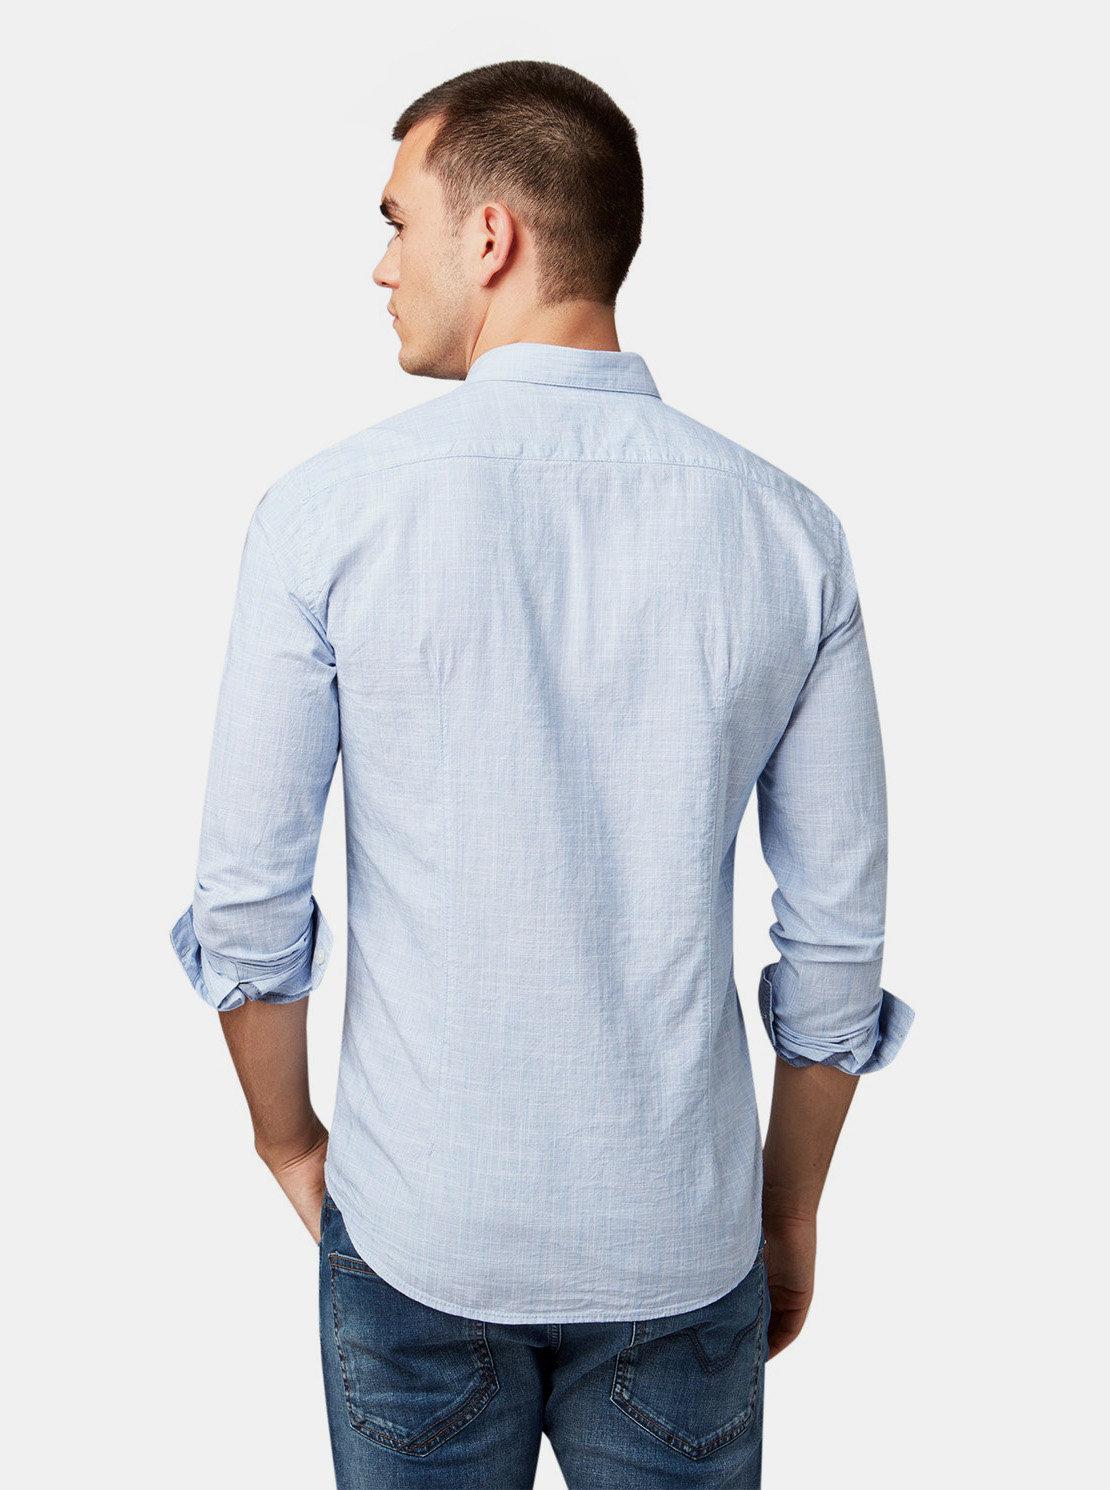 aca58caed86f Světle modrá pánská žíhaná košile Tom Tailor Denim ...